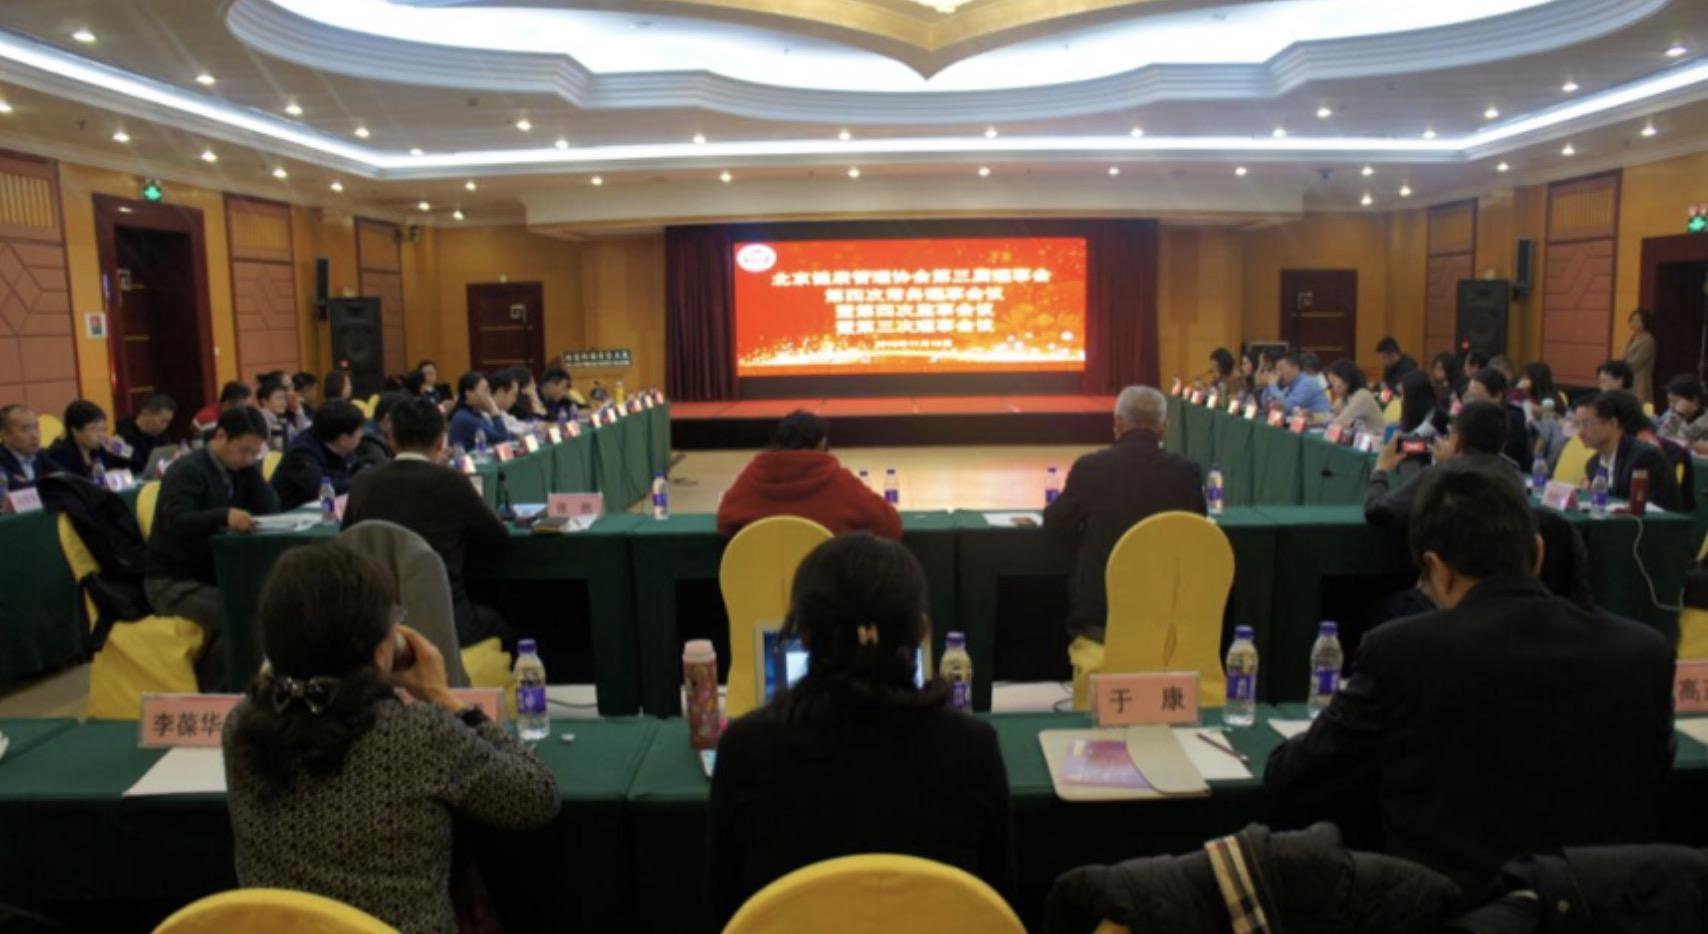 北京健康管理协会第三届理事会常务理事会扩大会议圆满召开